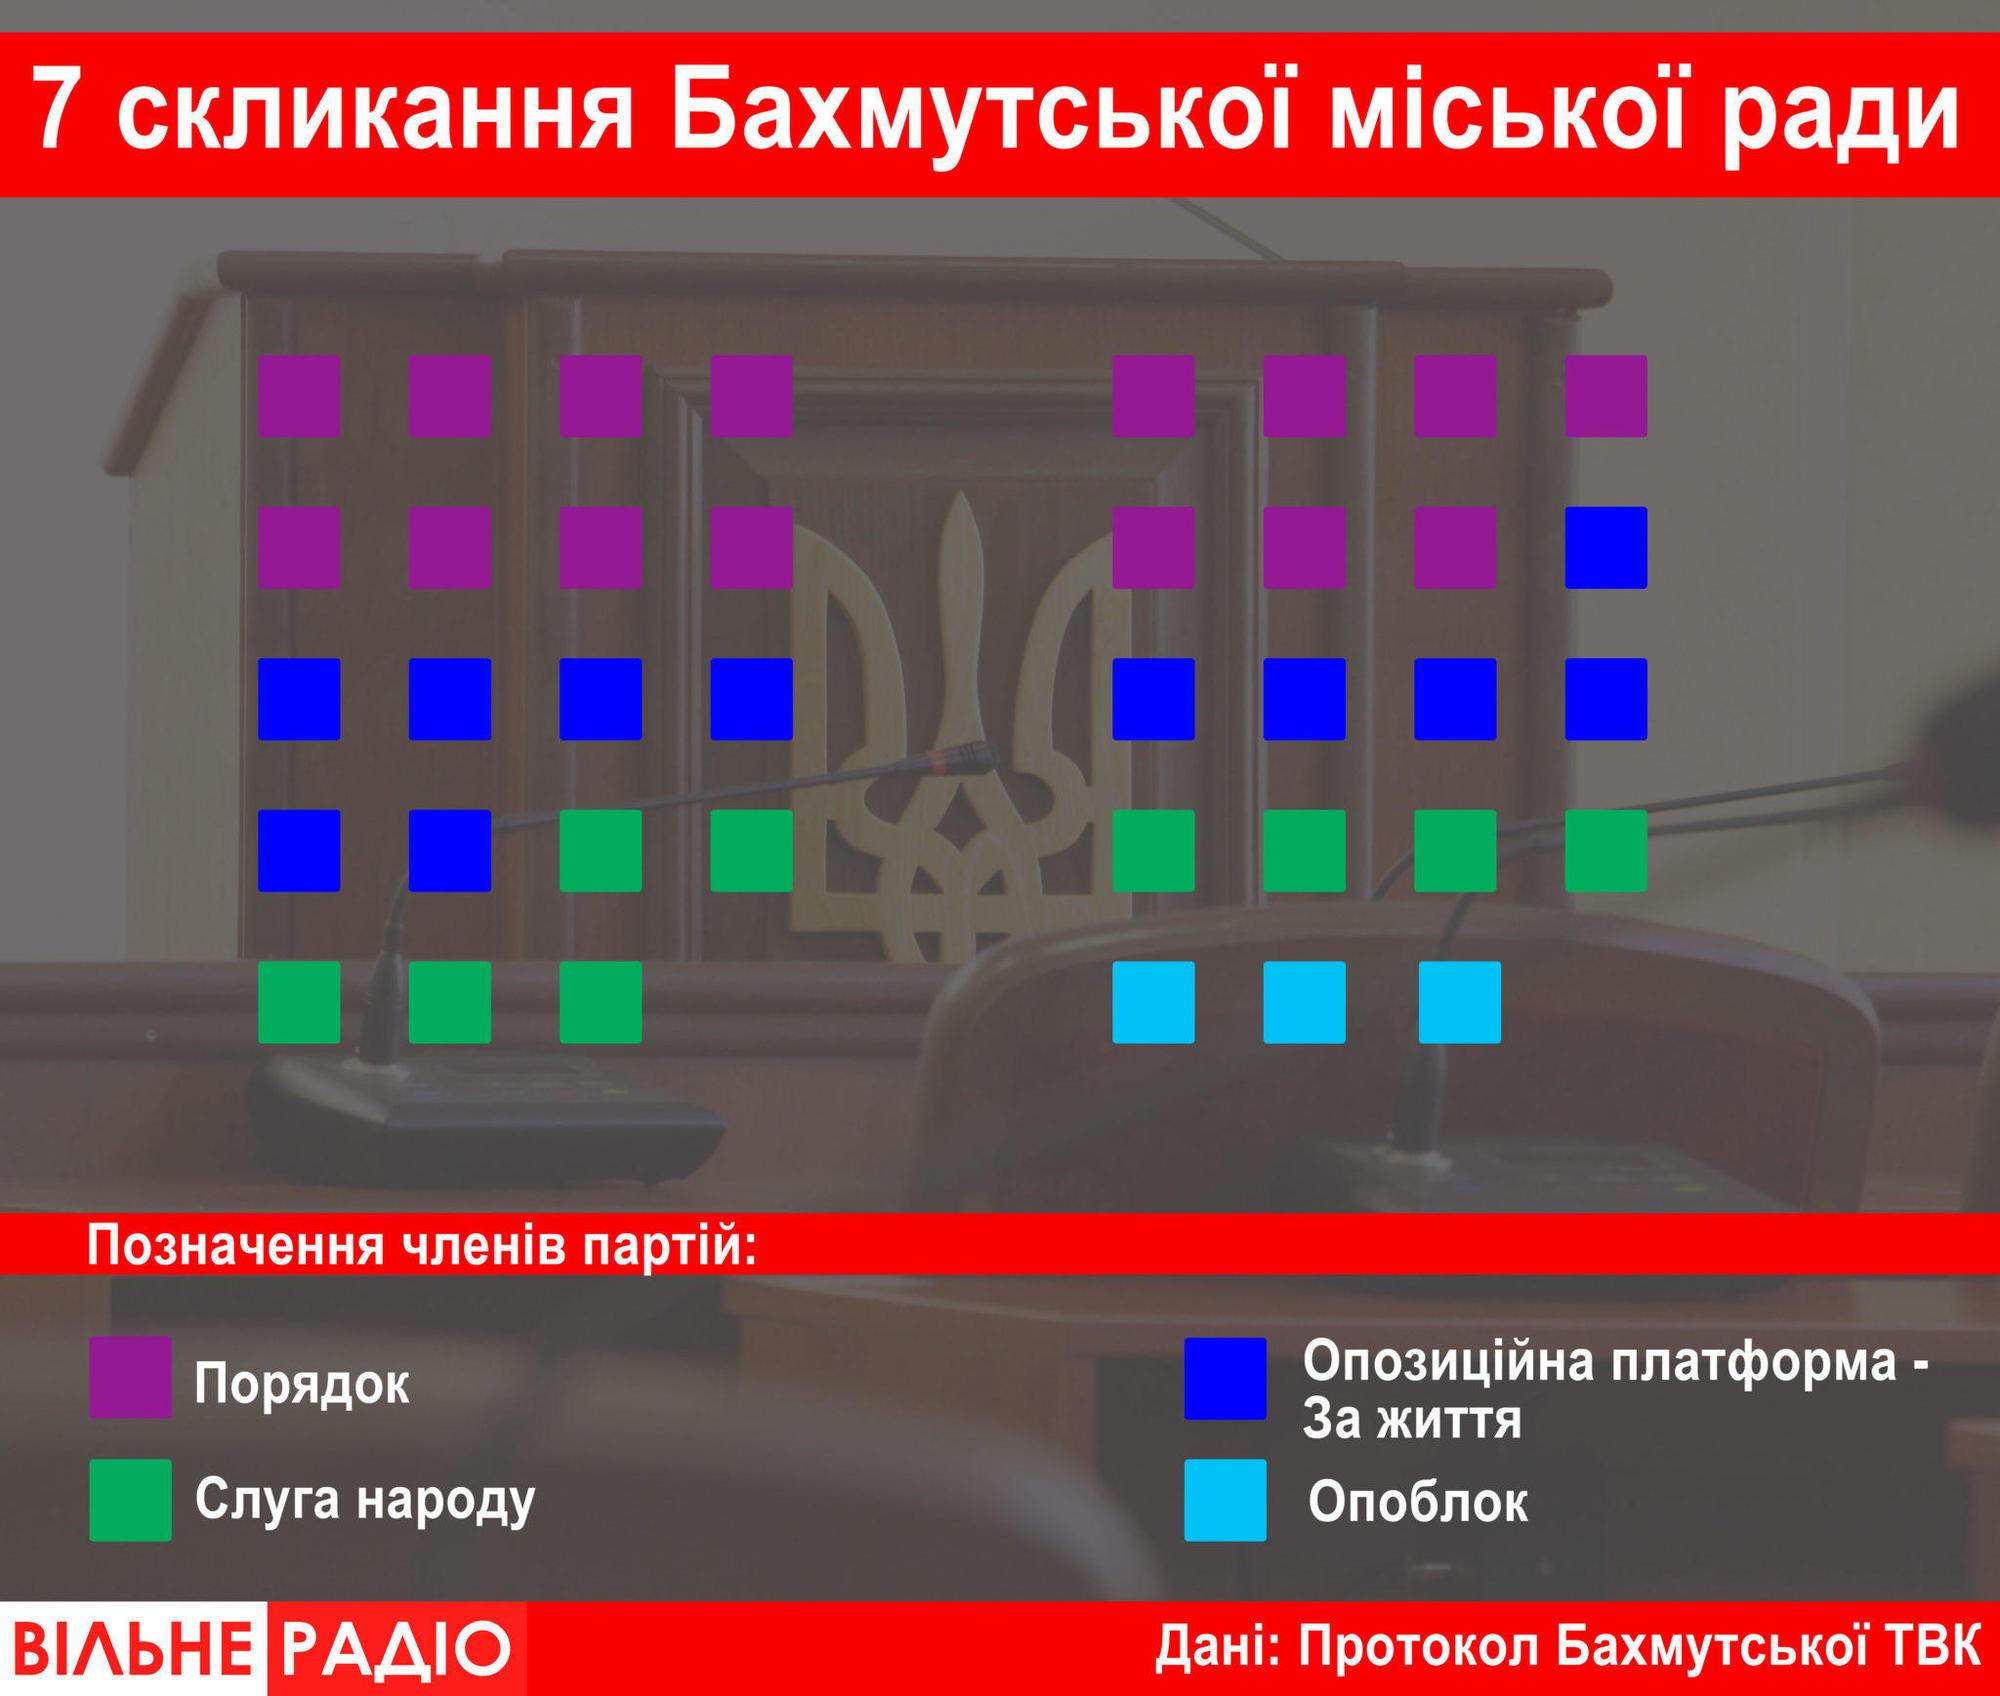 депутати Бахмутської міської ради 7 скликання